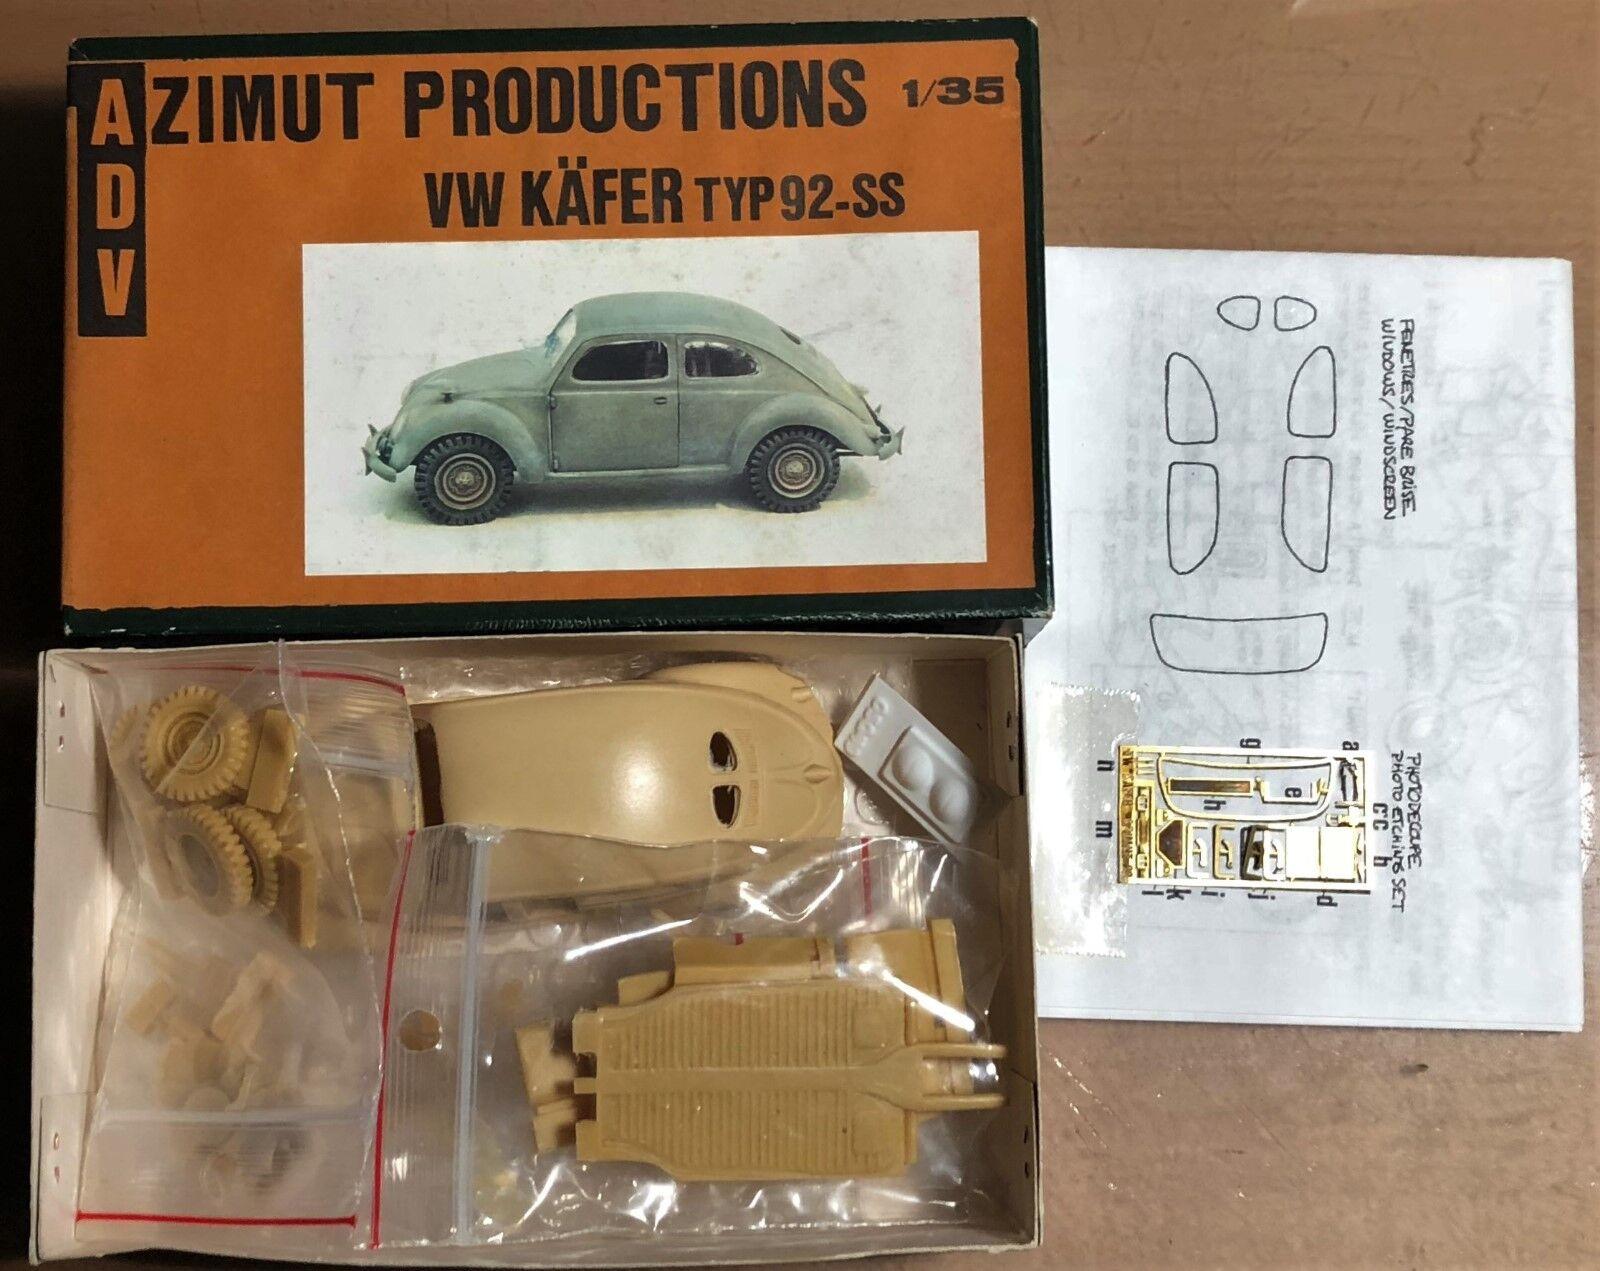 ADV AZIMUT PRODUCTION - VW KAFER RESIN TYP92-SS - 1 35 RESIN KAFER KIT 96059e